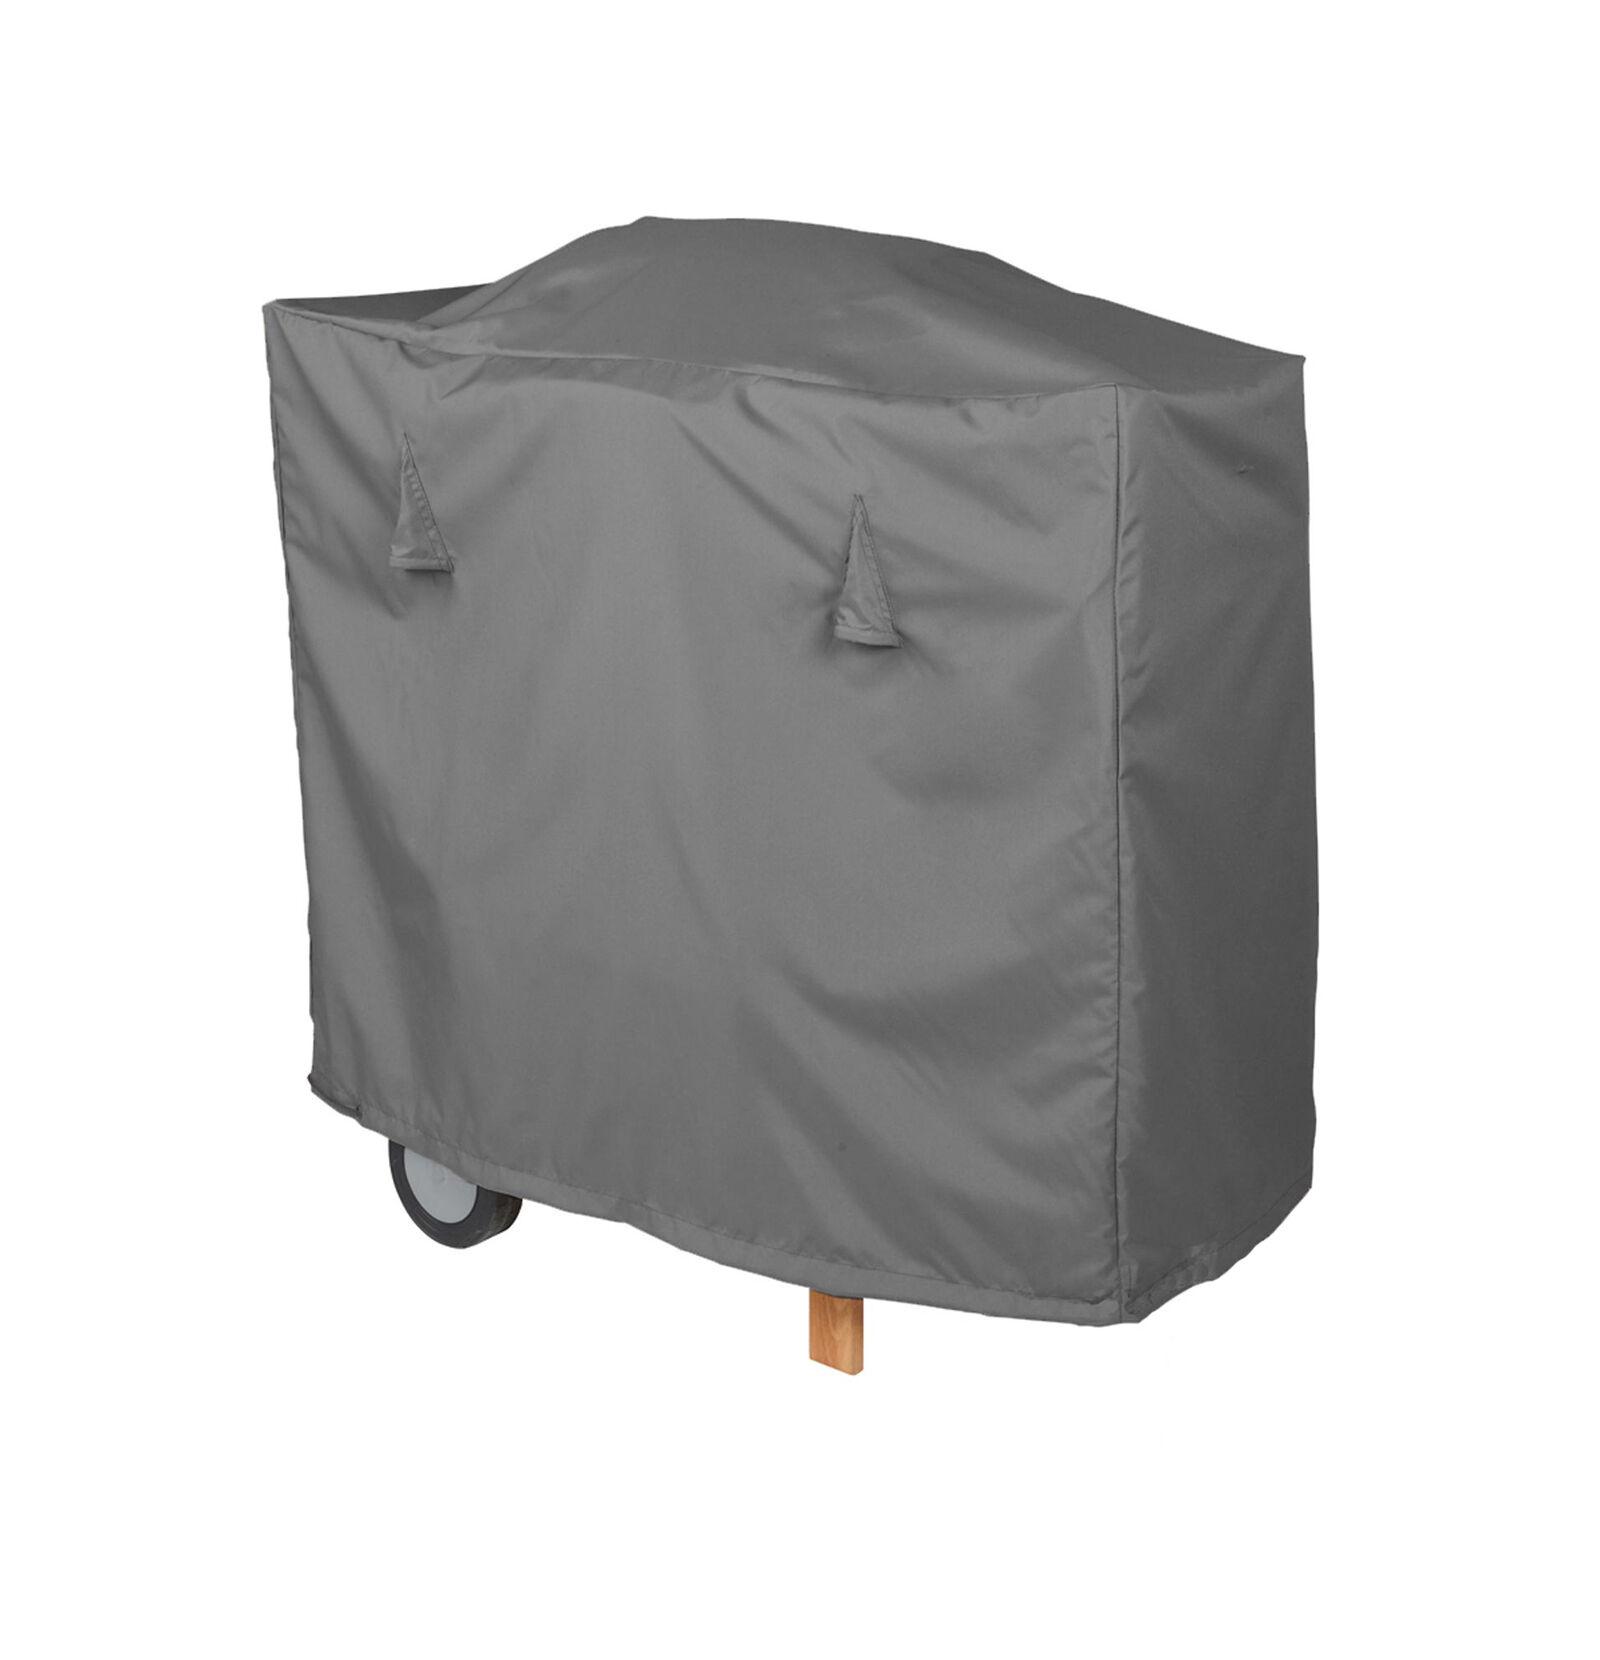 milani home copertura - telo di copertura barbecue cm 102x46x92 h